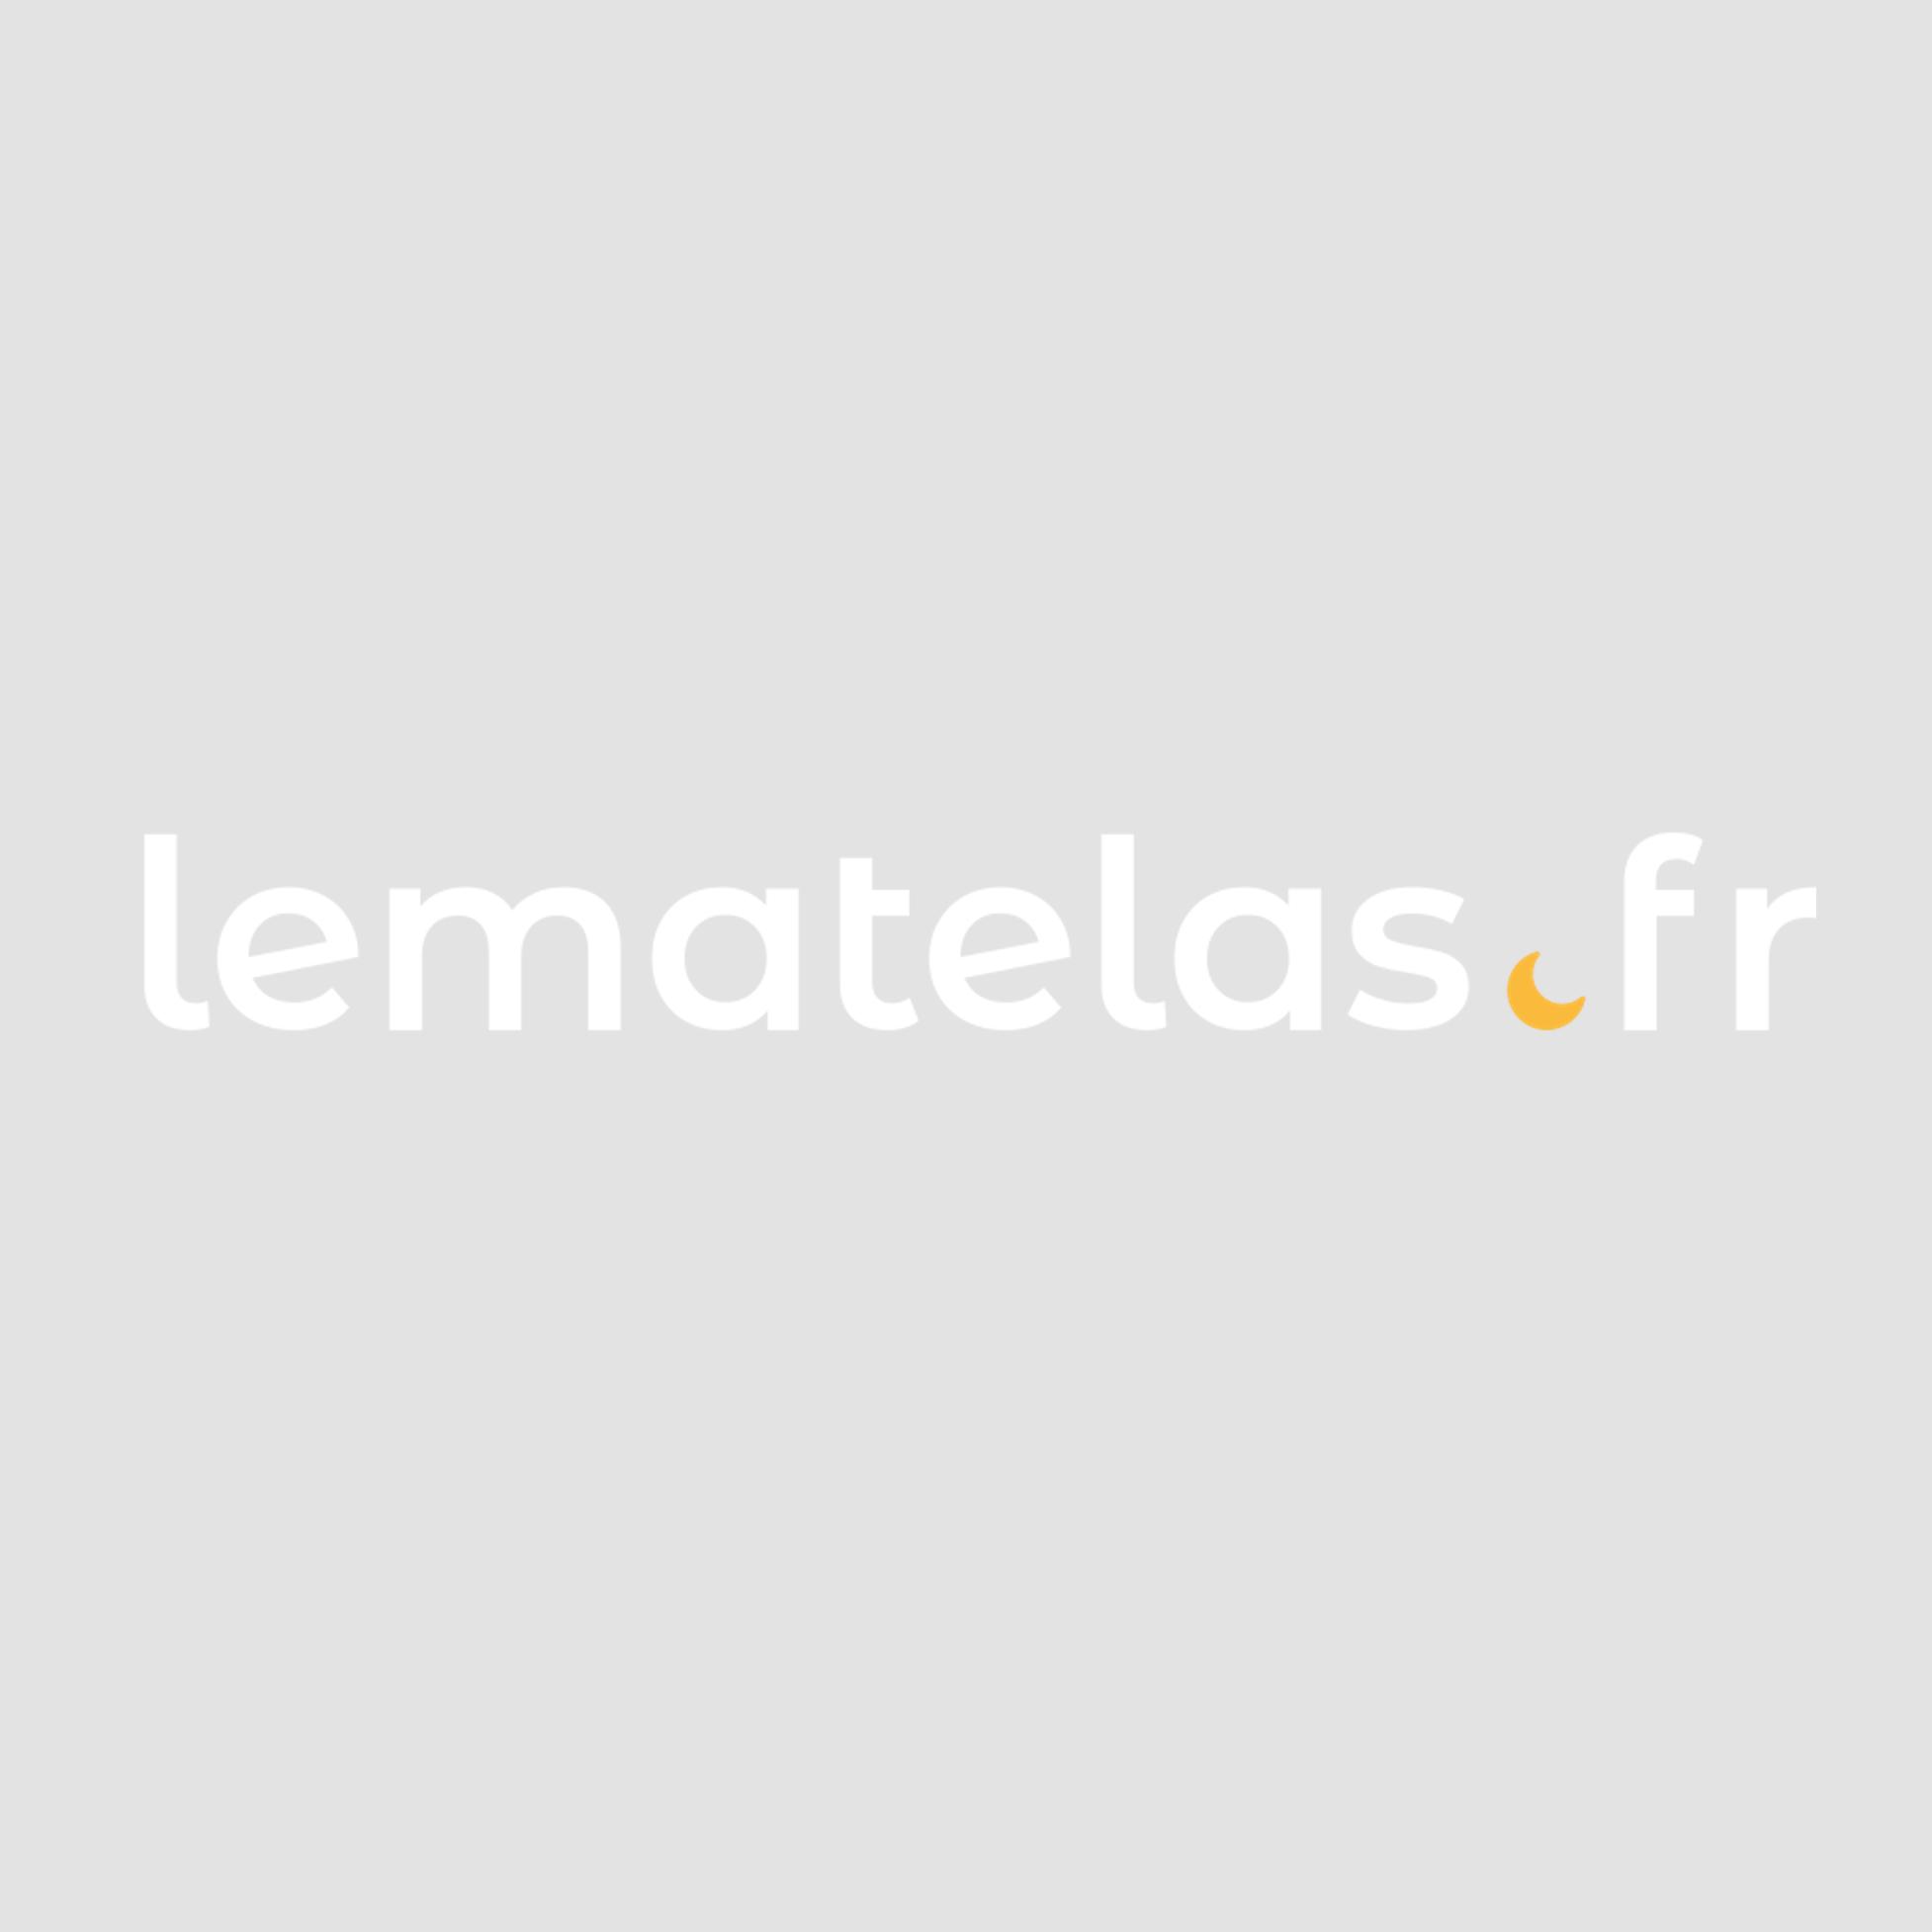 Lot de 2 protèges oreillers Bamboo soyeux confortables doux et absorbants Qualité Hôtellerie de Luxe avec zip